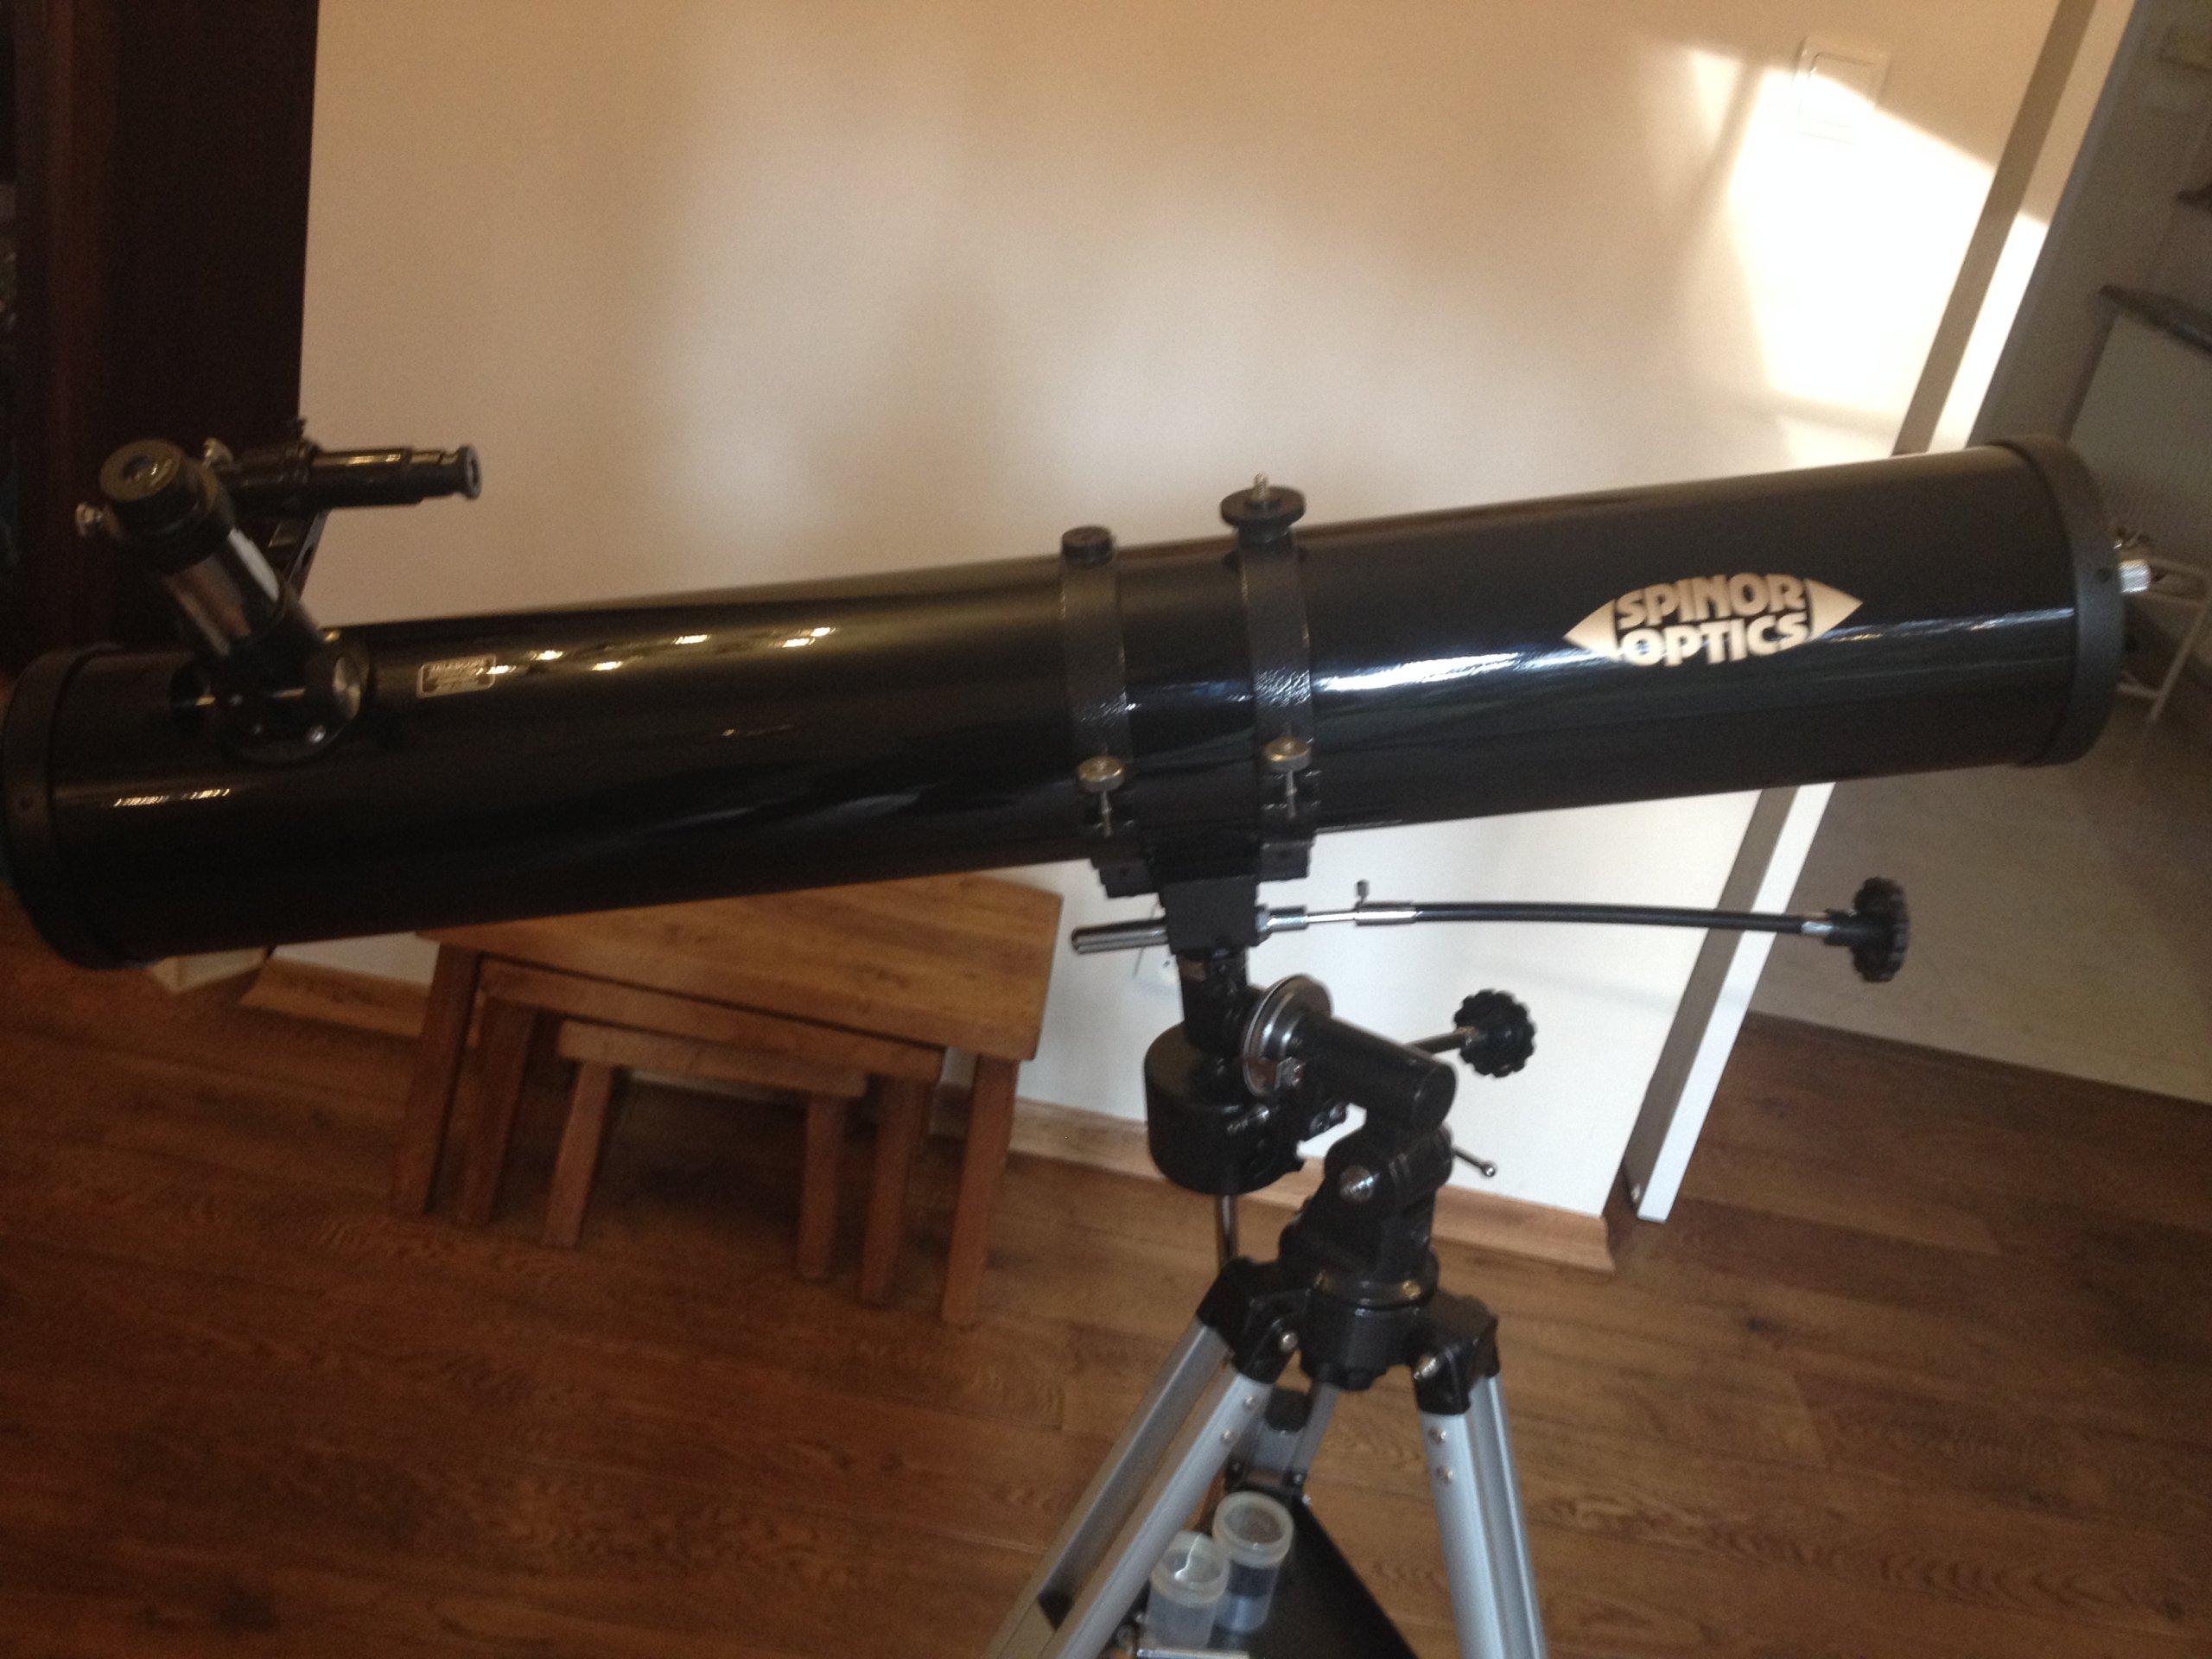 Teleskop drapera astronomiczny unikat po renowacji